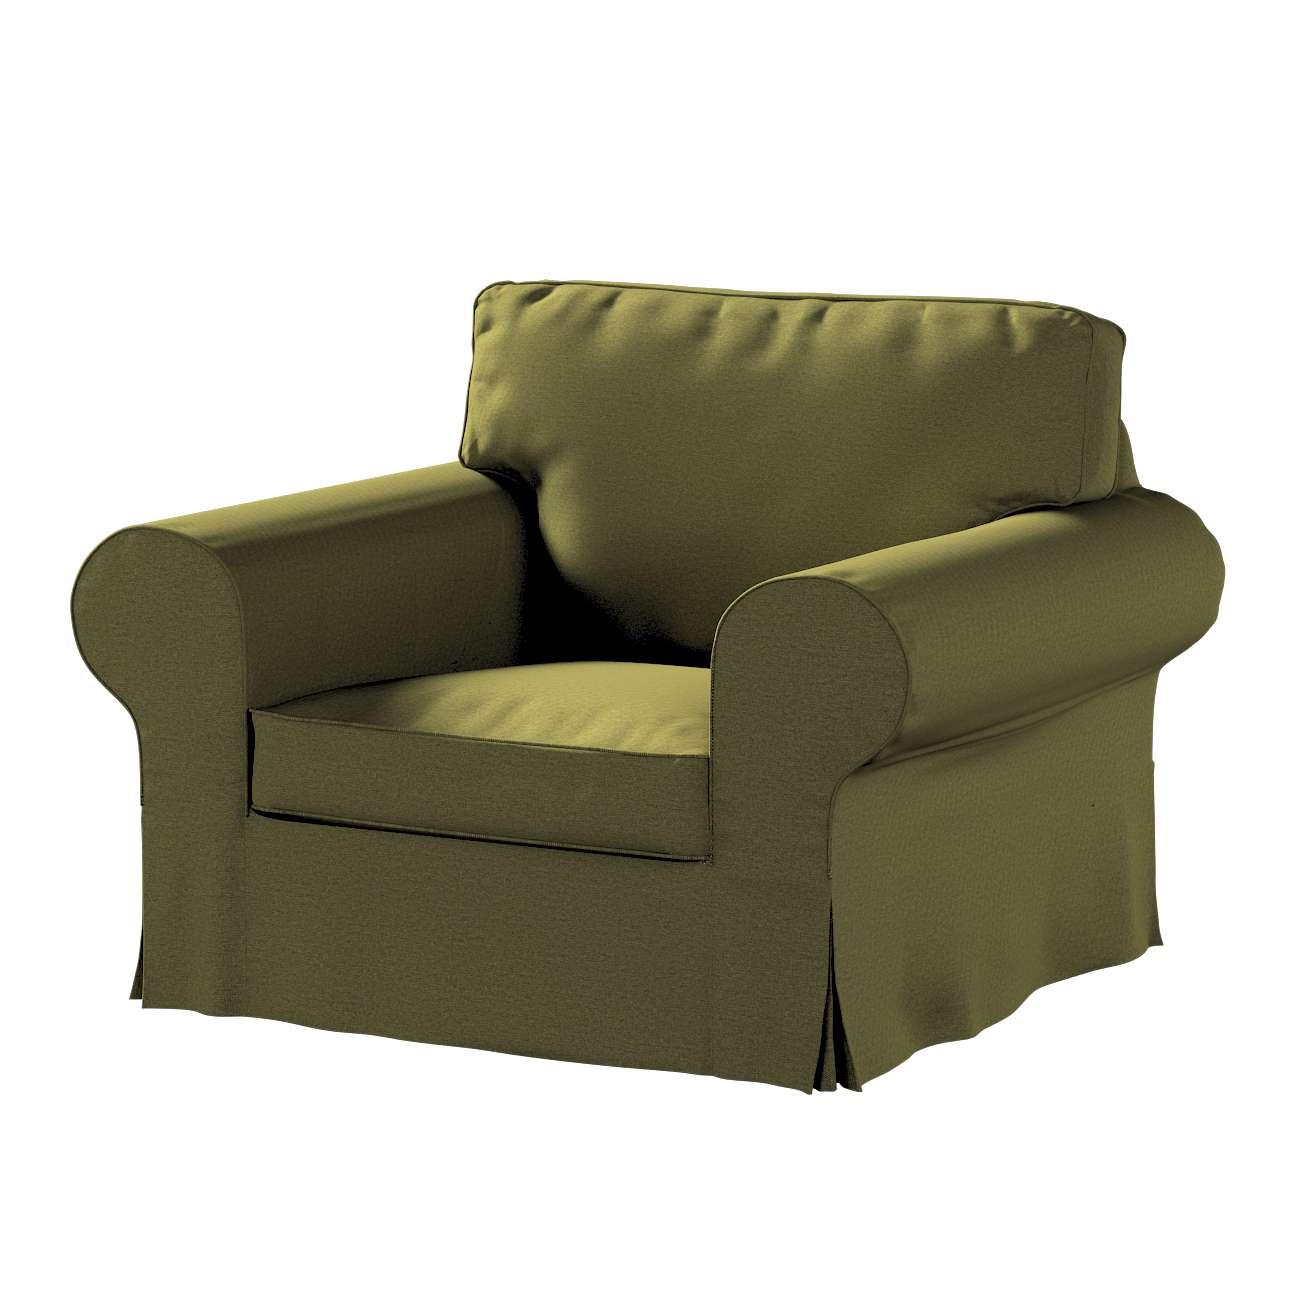 Pokrowiec na fotel Ektorp w kolekcji Etna, tkanina: 161-26